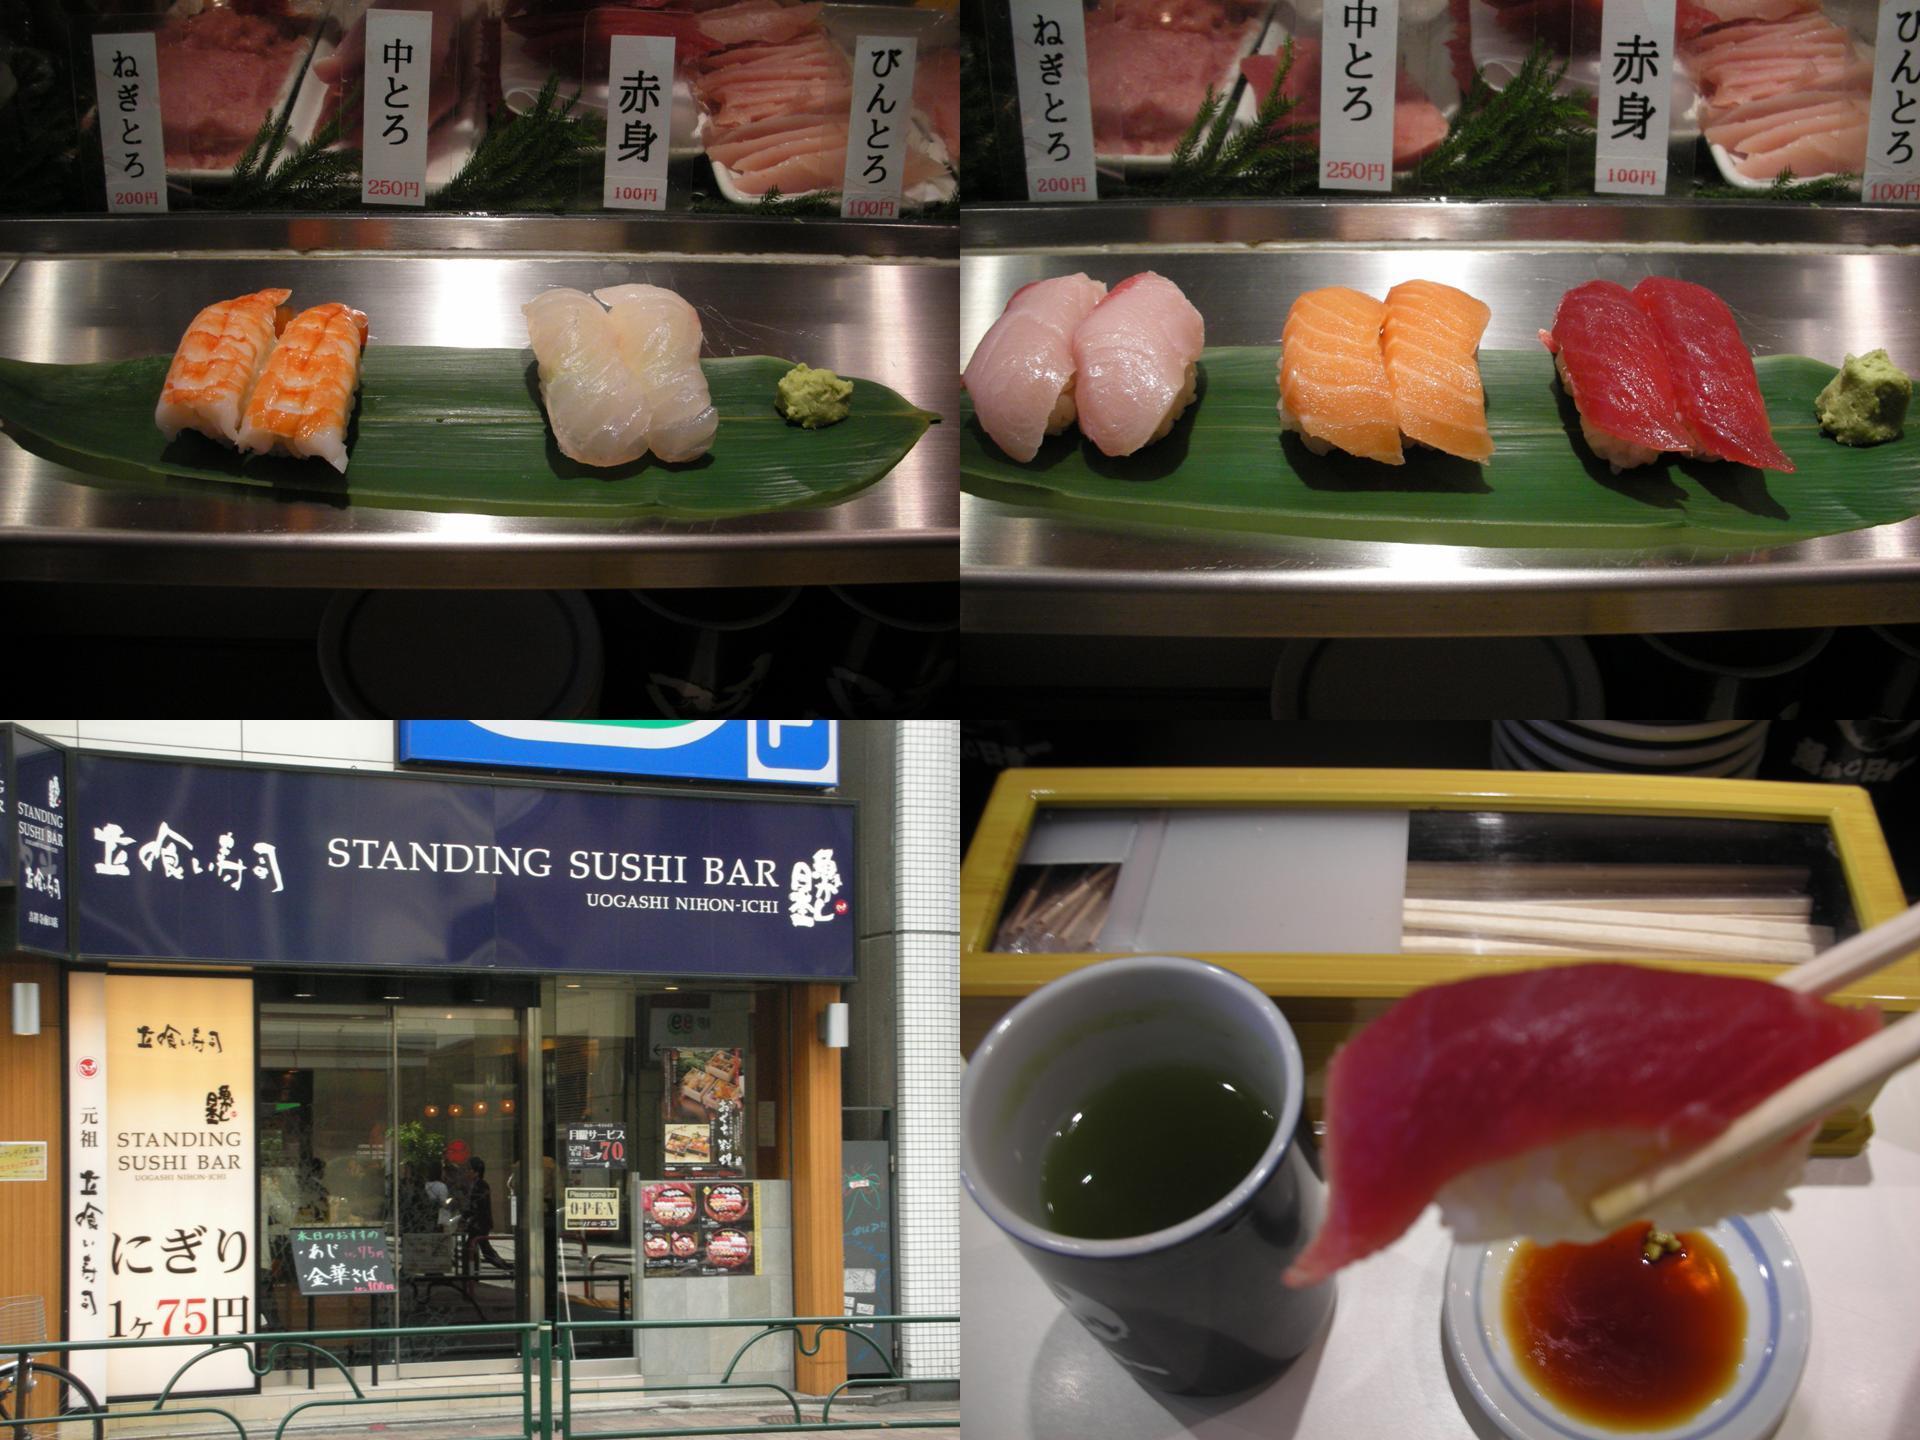 2007/11東京單人行D3-2~青山Qu'it fait bon&銀座夏野筷子店 @愛旅行 - 右上的世界食旅